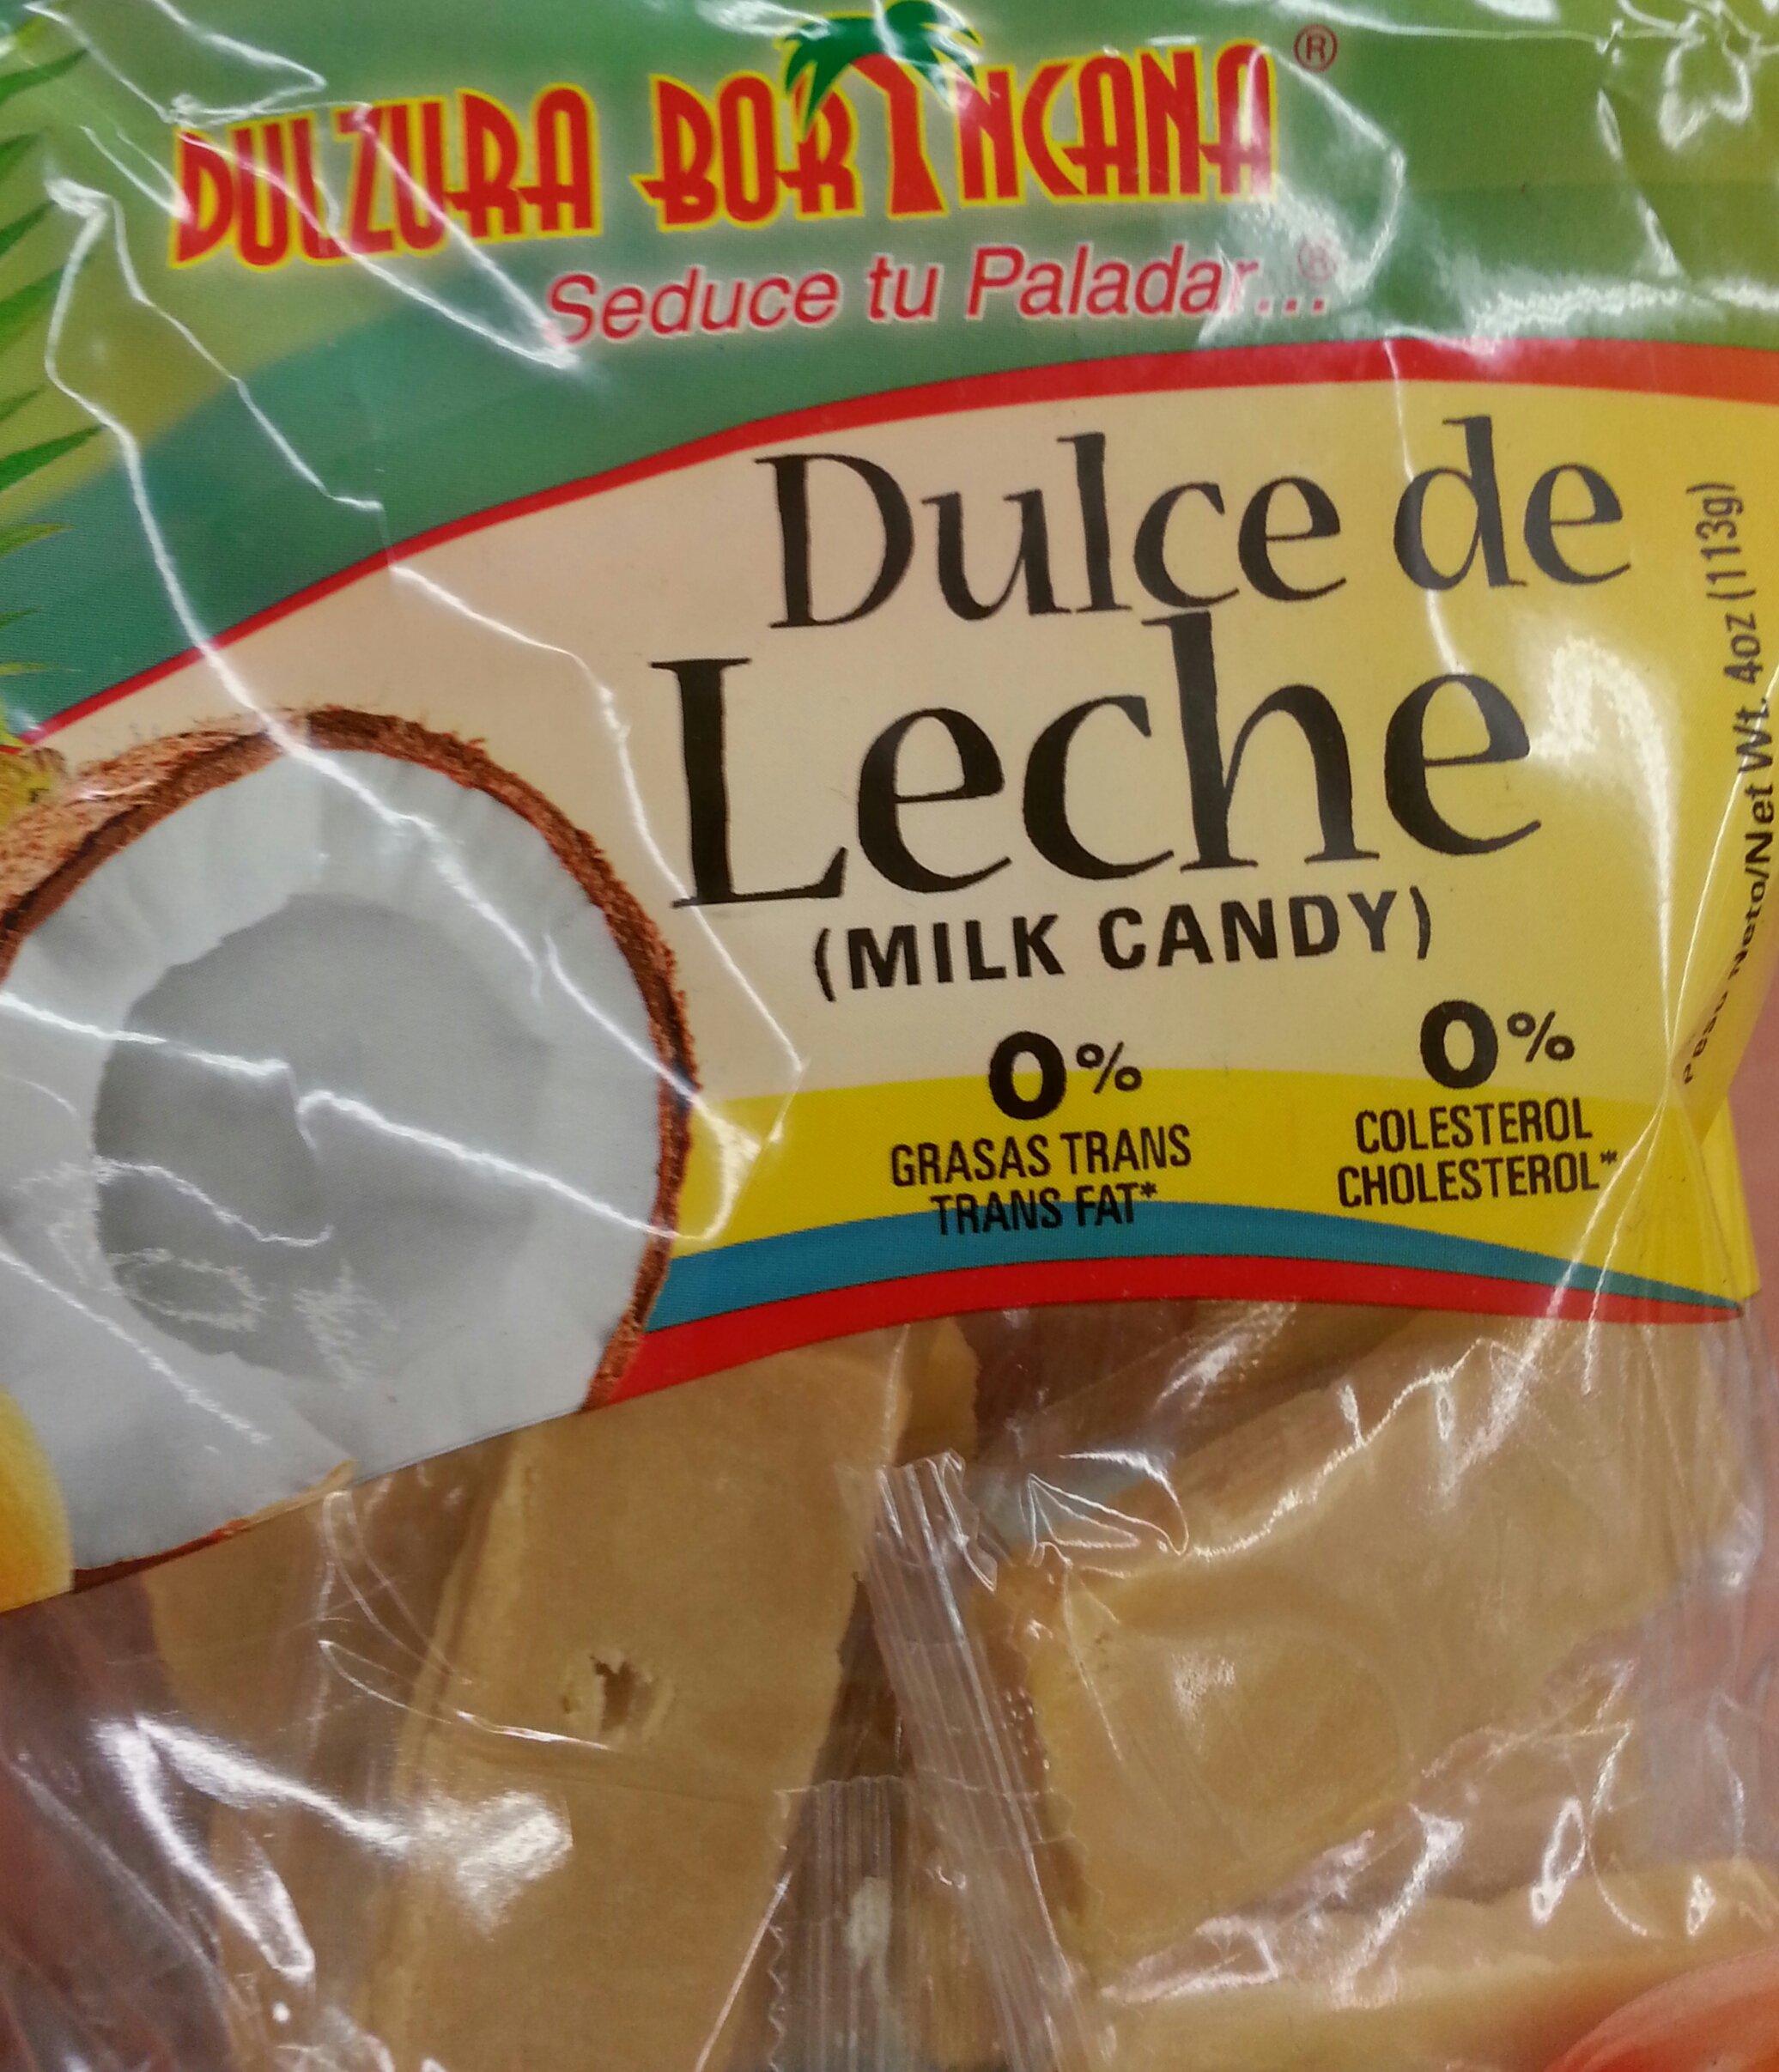 Dulzura Borincana Dulce de Leche (Milk Candy)